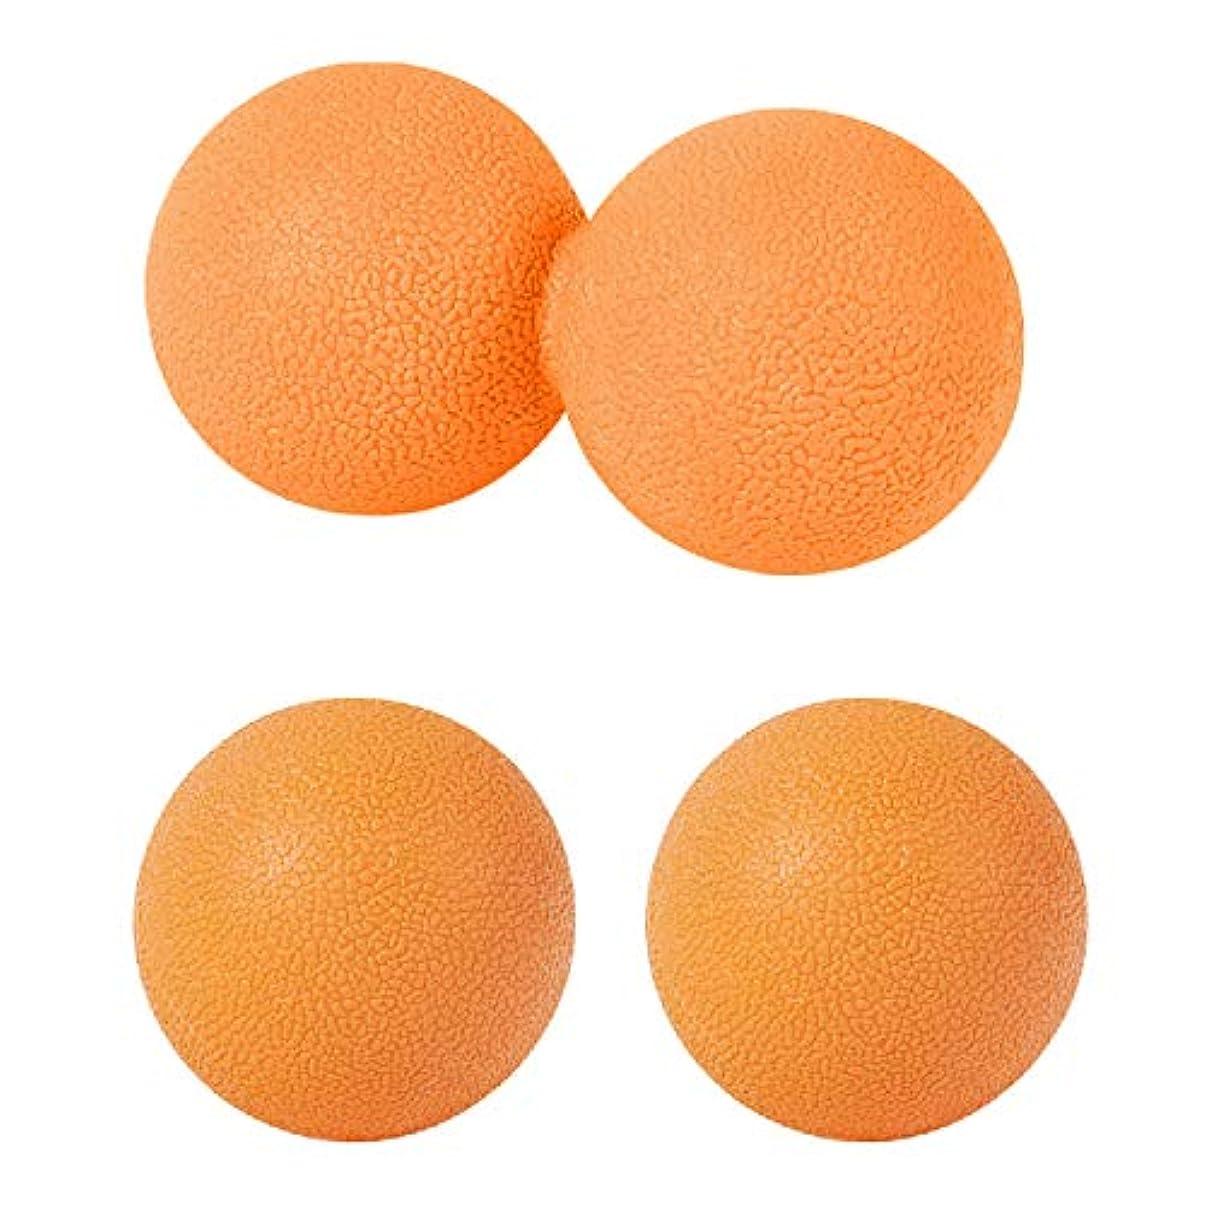 熟達したシネウィわなsac taske マッサージボール ストレッチ ピーナッツ ツボ押し トリガーポイント 3個セット (オレンジ)